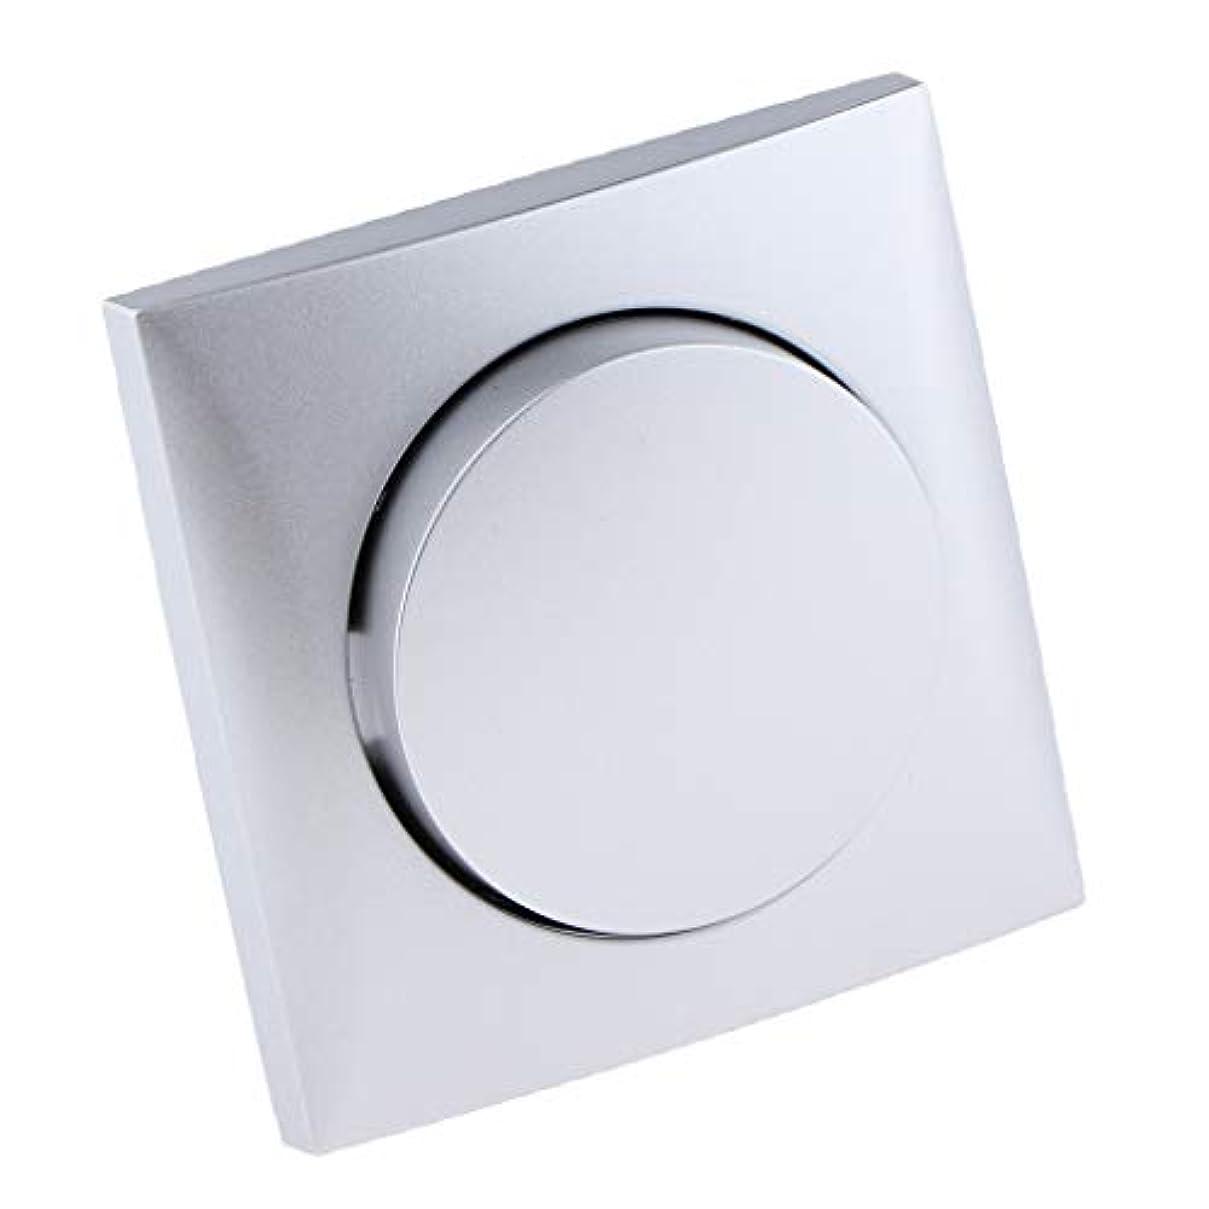 昼間遺棄された会議B Blesiya 耐久性 安全 単一制御 スイッチ シルバー 埋込スイッチ プラスチック製